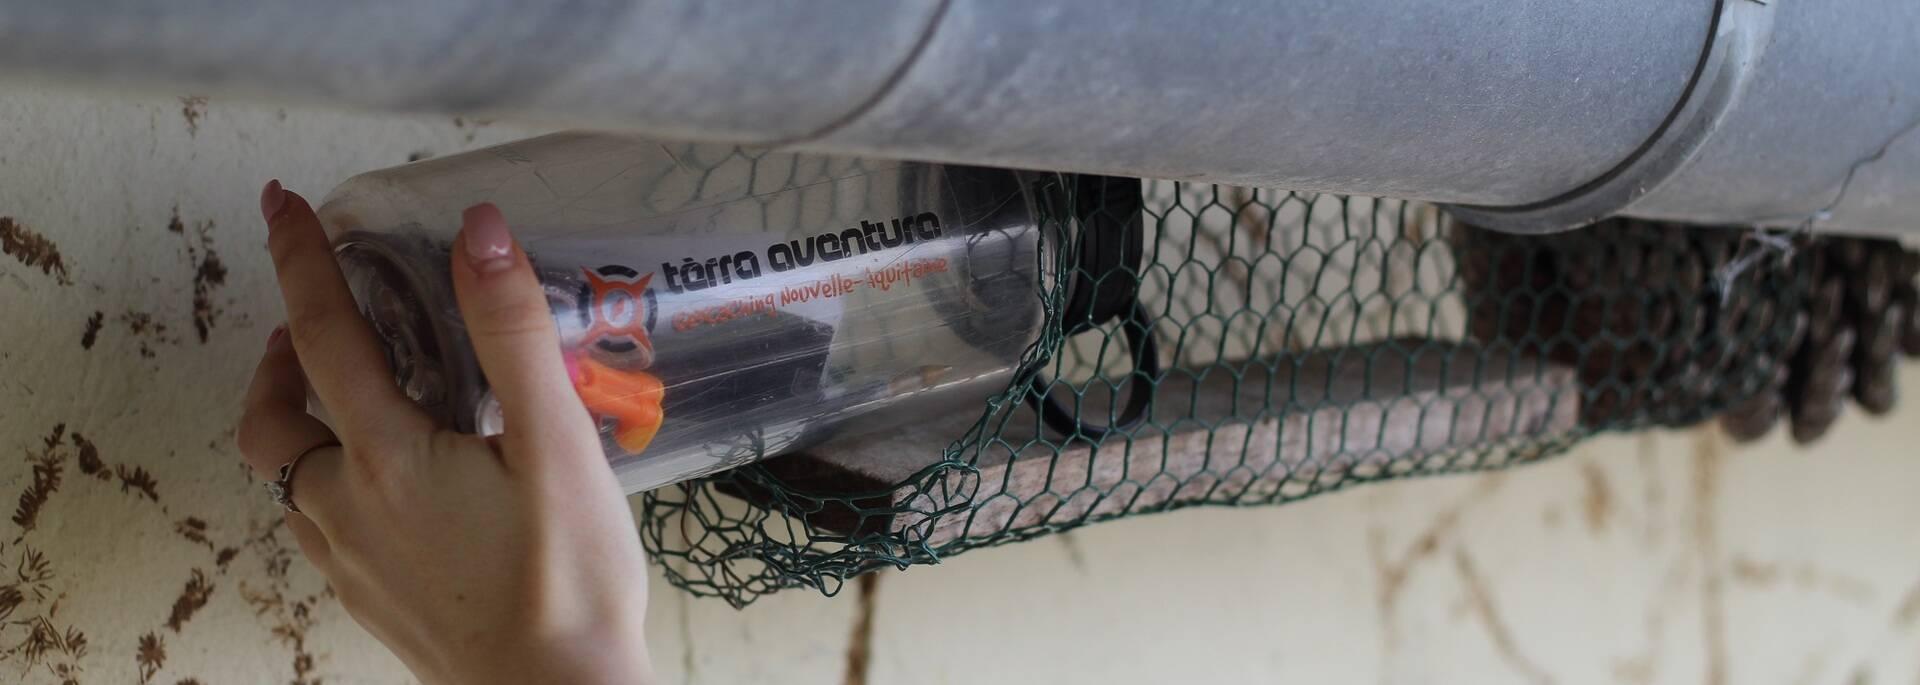 Découverte de la cache du parcours Tèrra Aventura - ©P.Migaud / FDHPA17